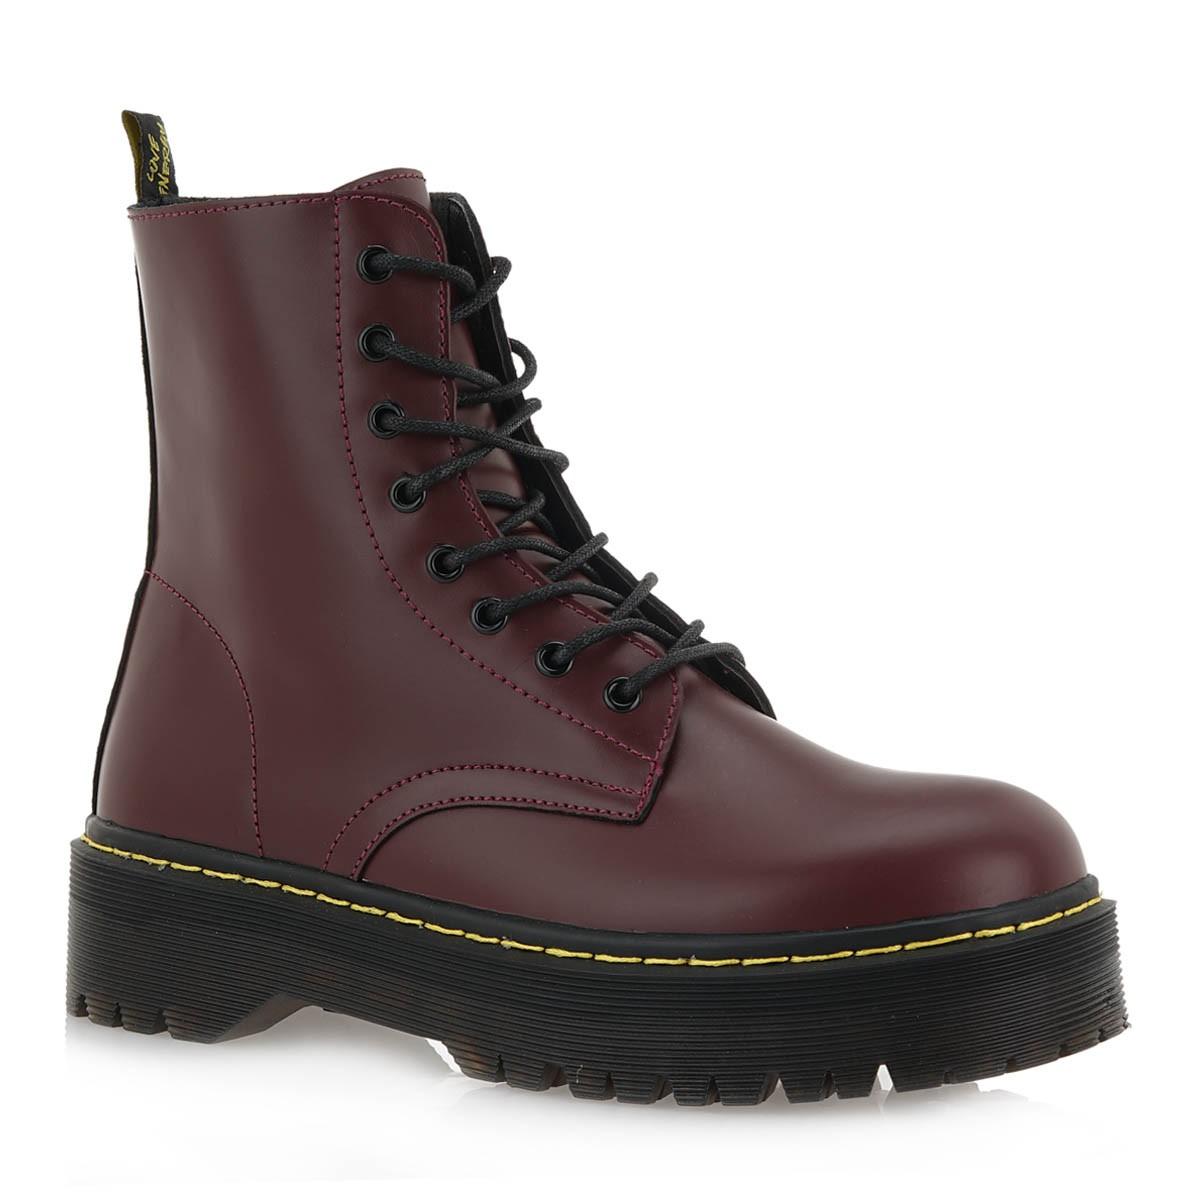 Exe Γυναικεία Παπούτσια Αρβυλάκια 662-8566J2 Μπορντώ J379W6622145